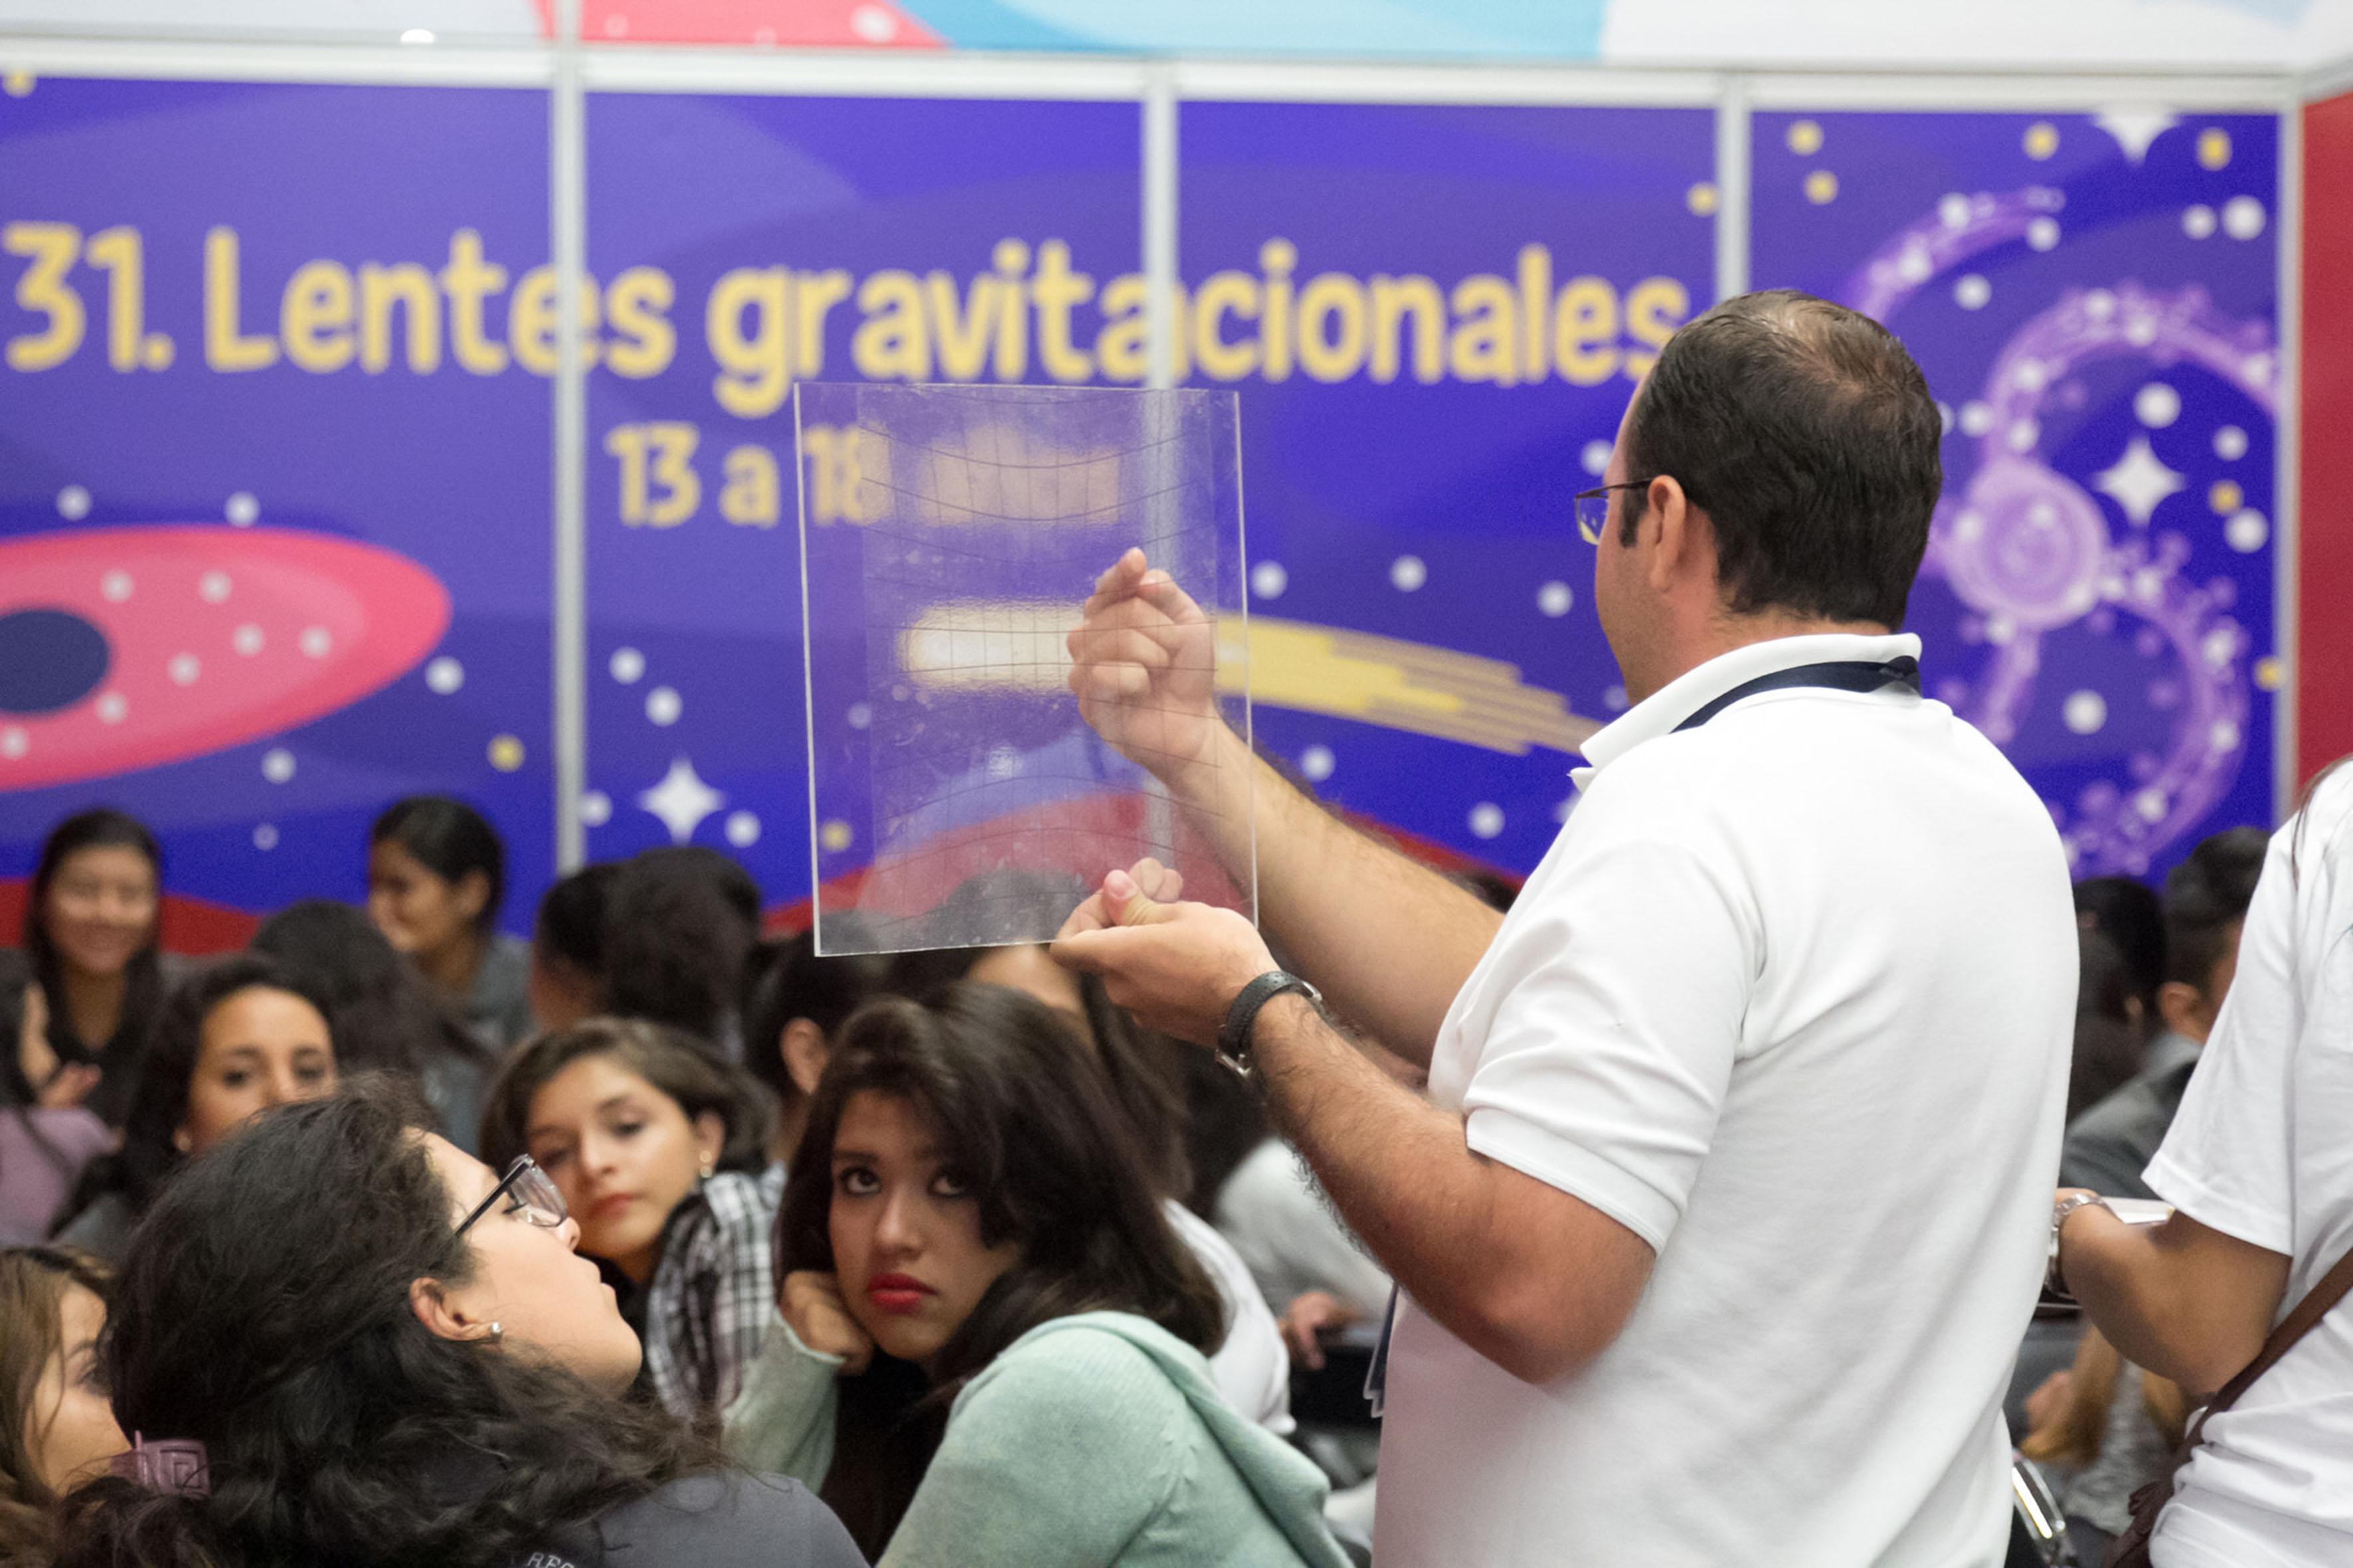 Niños participando en el taller lentes gravitacionales en Papirolas 2016